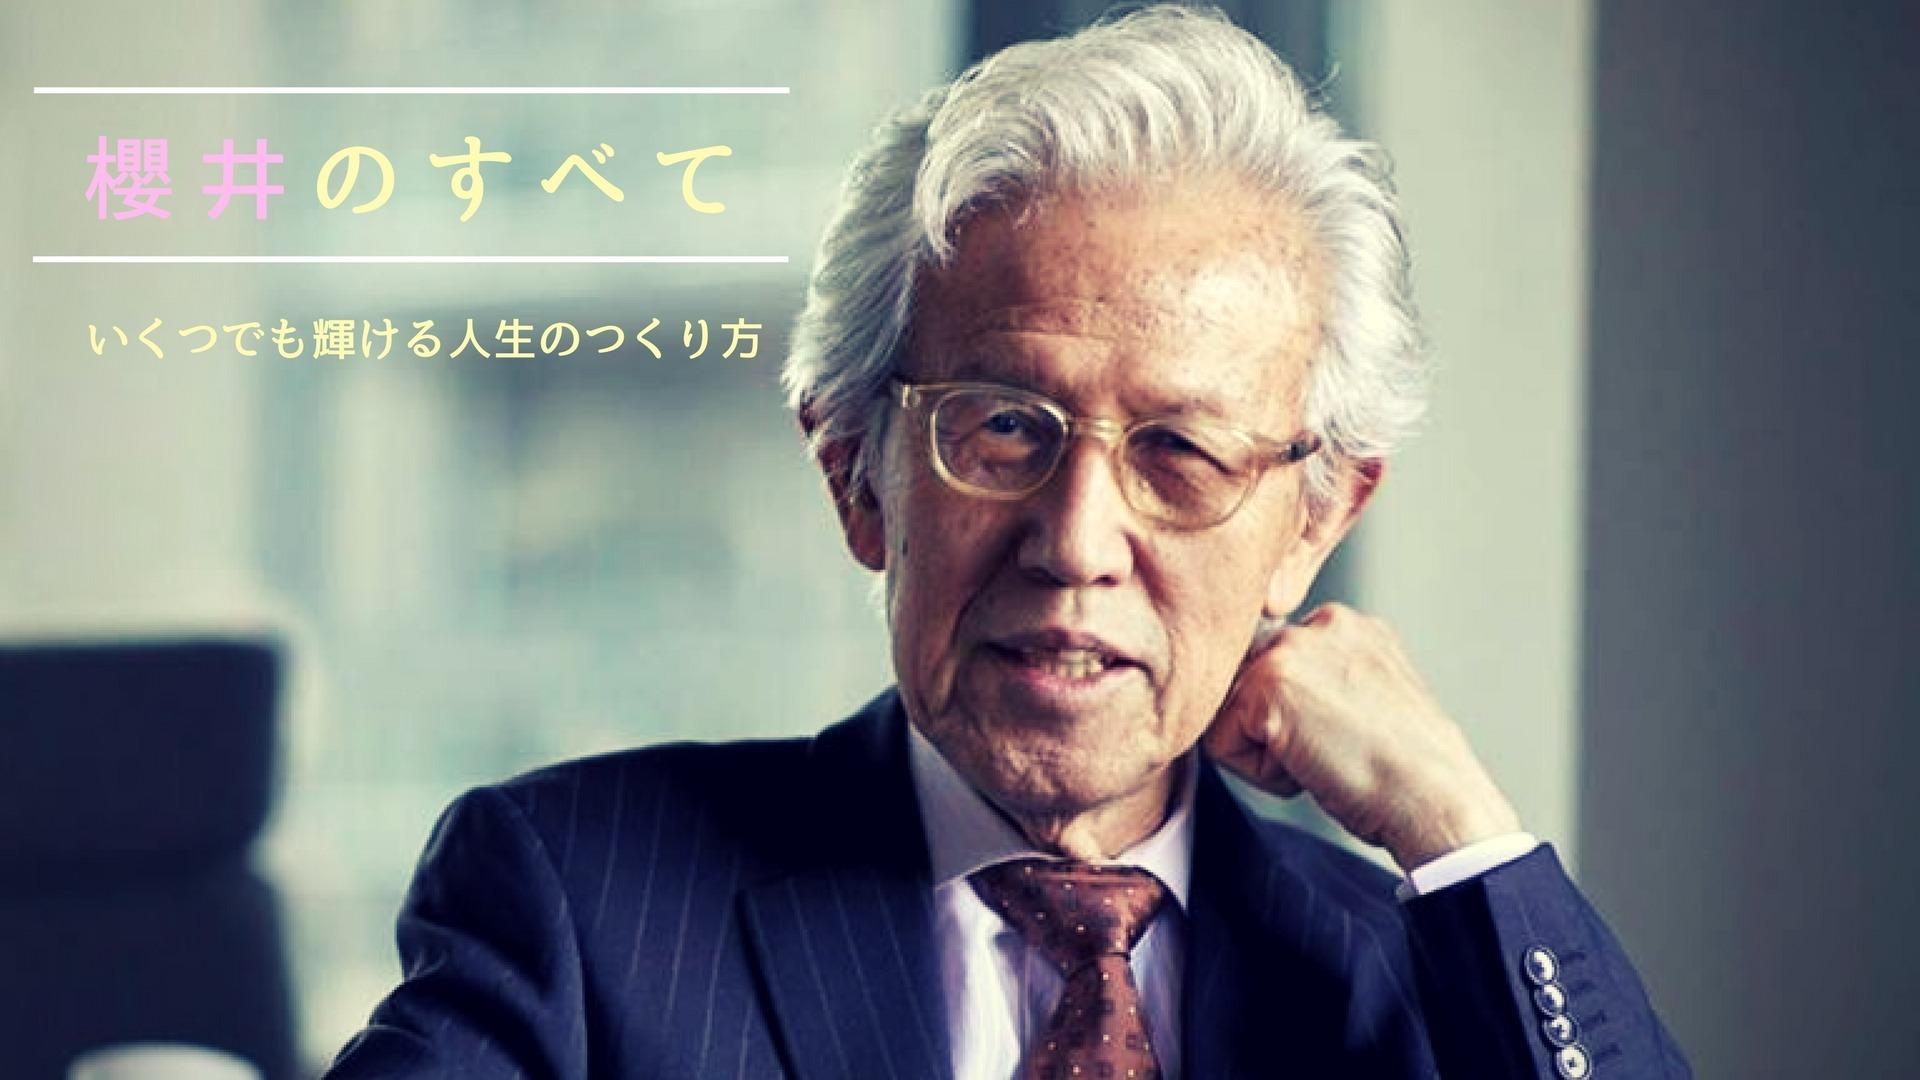 櫻井 秀勲 - 櫻井のすべてーいくつでも輝ける人生のつくり方ー - DMM オンラインサロン